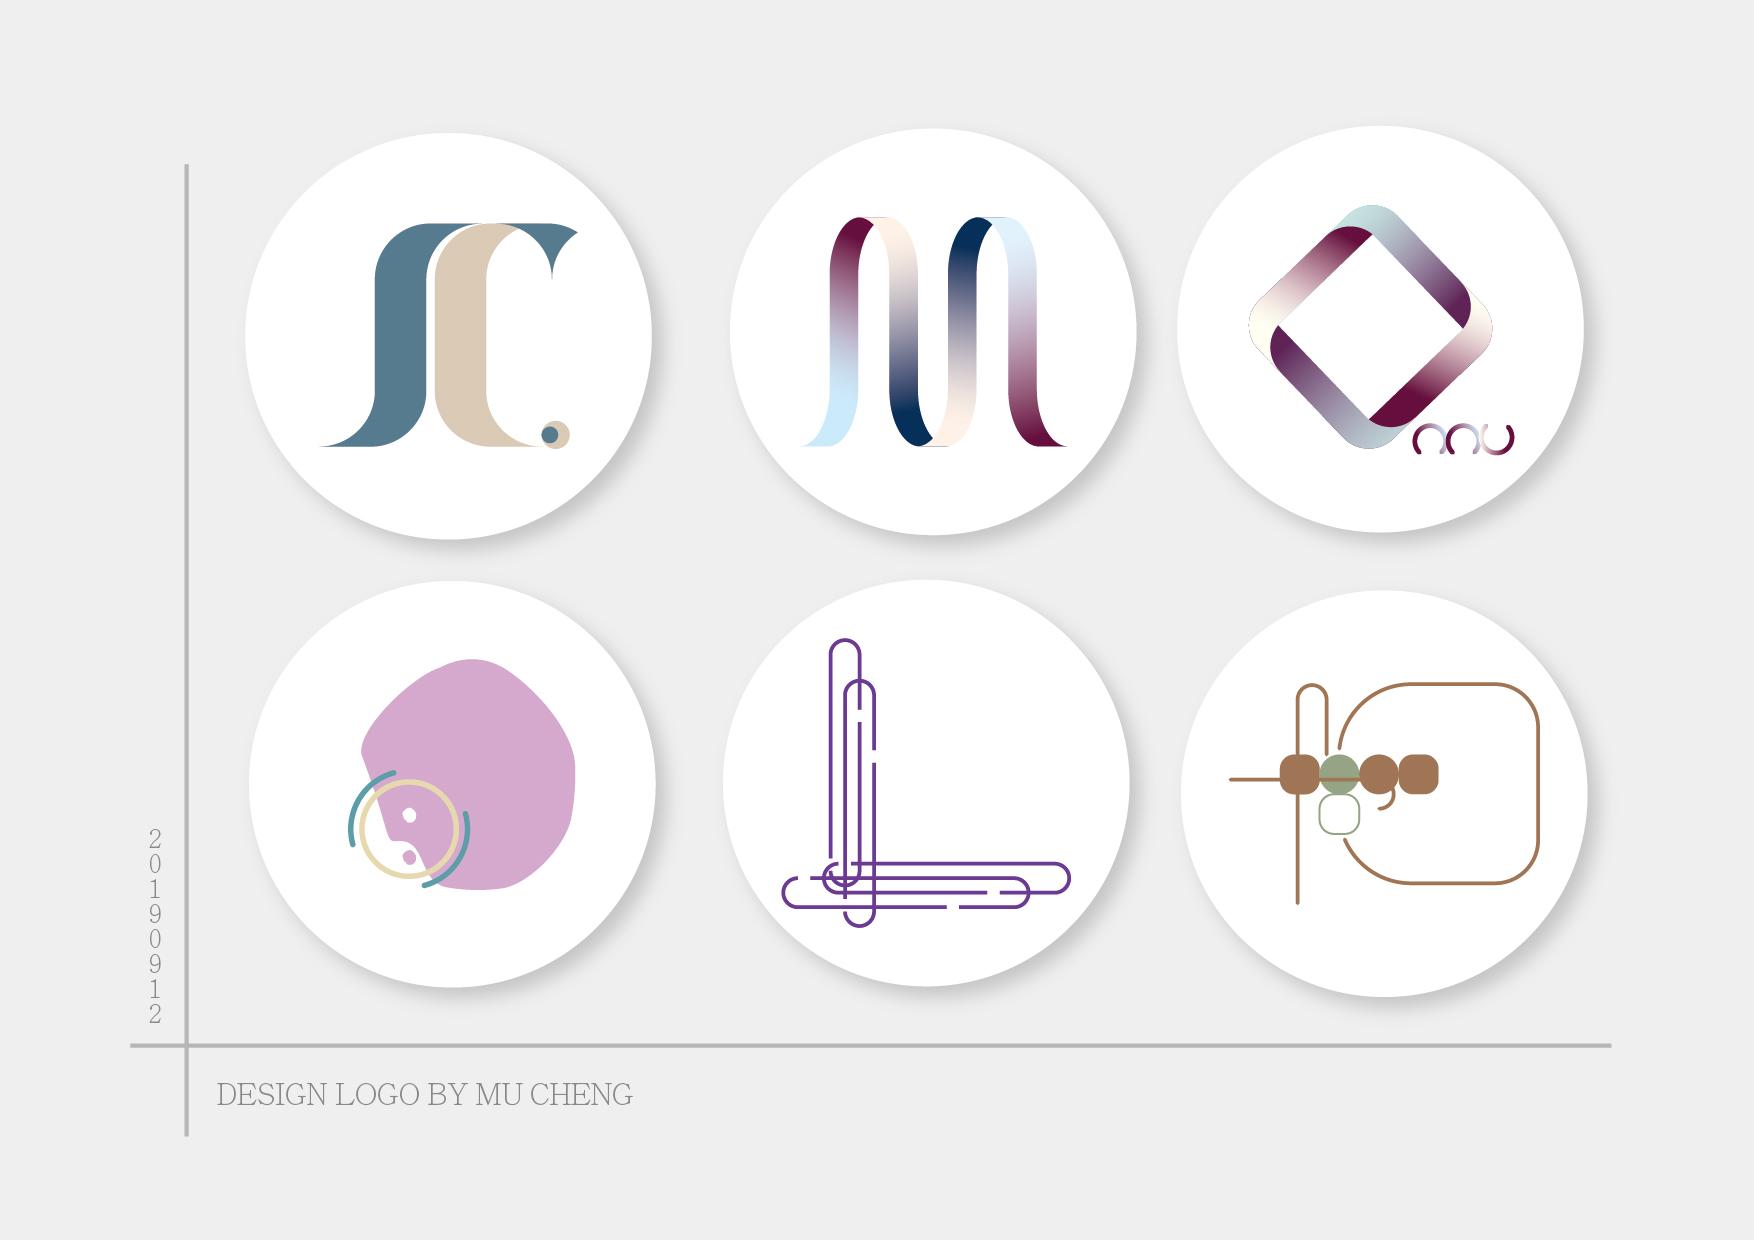 面視覺設計;平面影像設計;插畫手繪;價目表